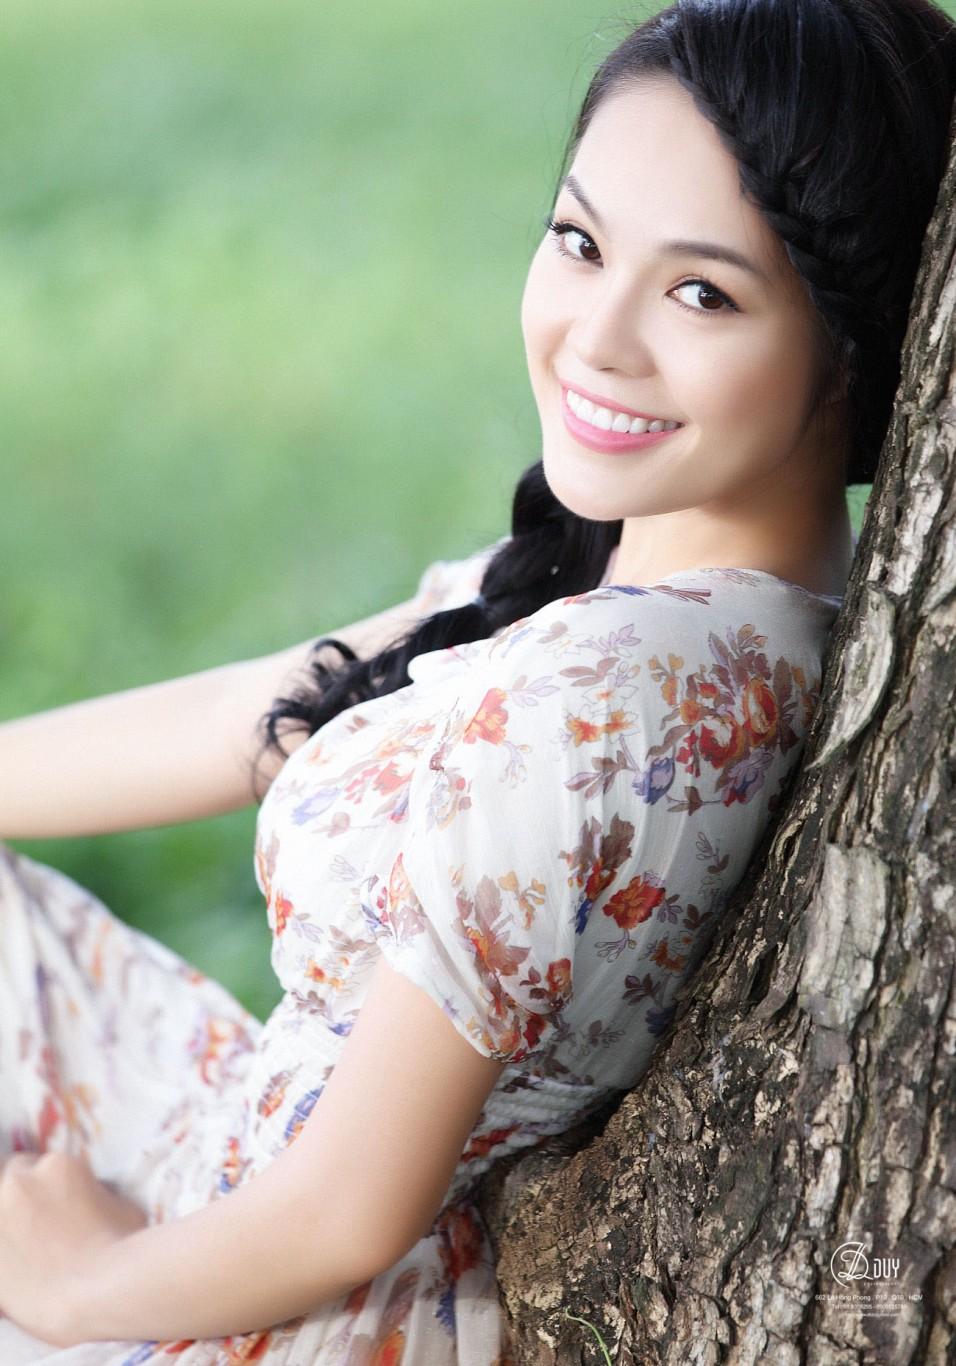 Hồ sơ nhân vật - Tiểu sử Dương Cẩm Lynh - tieu su duong cam lynh 5777 -